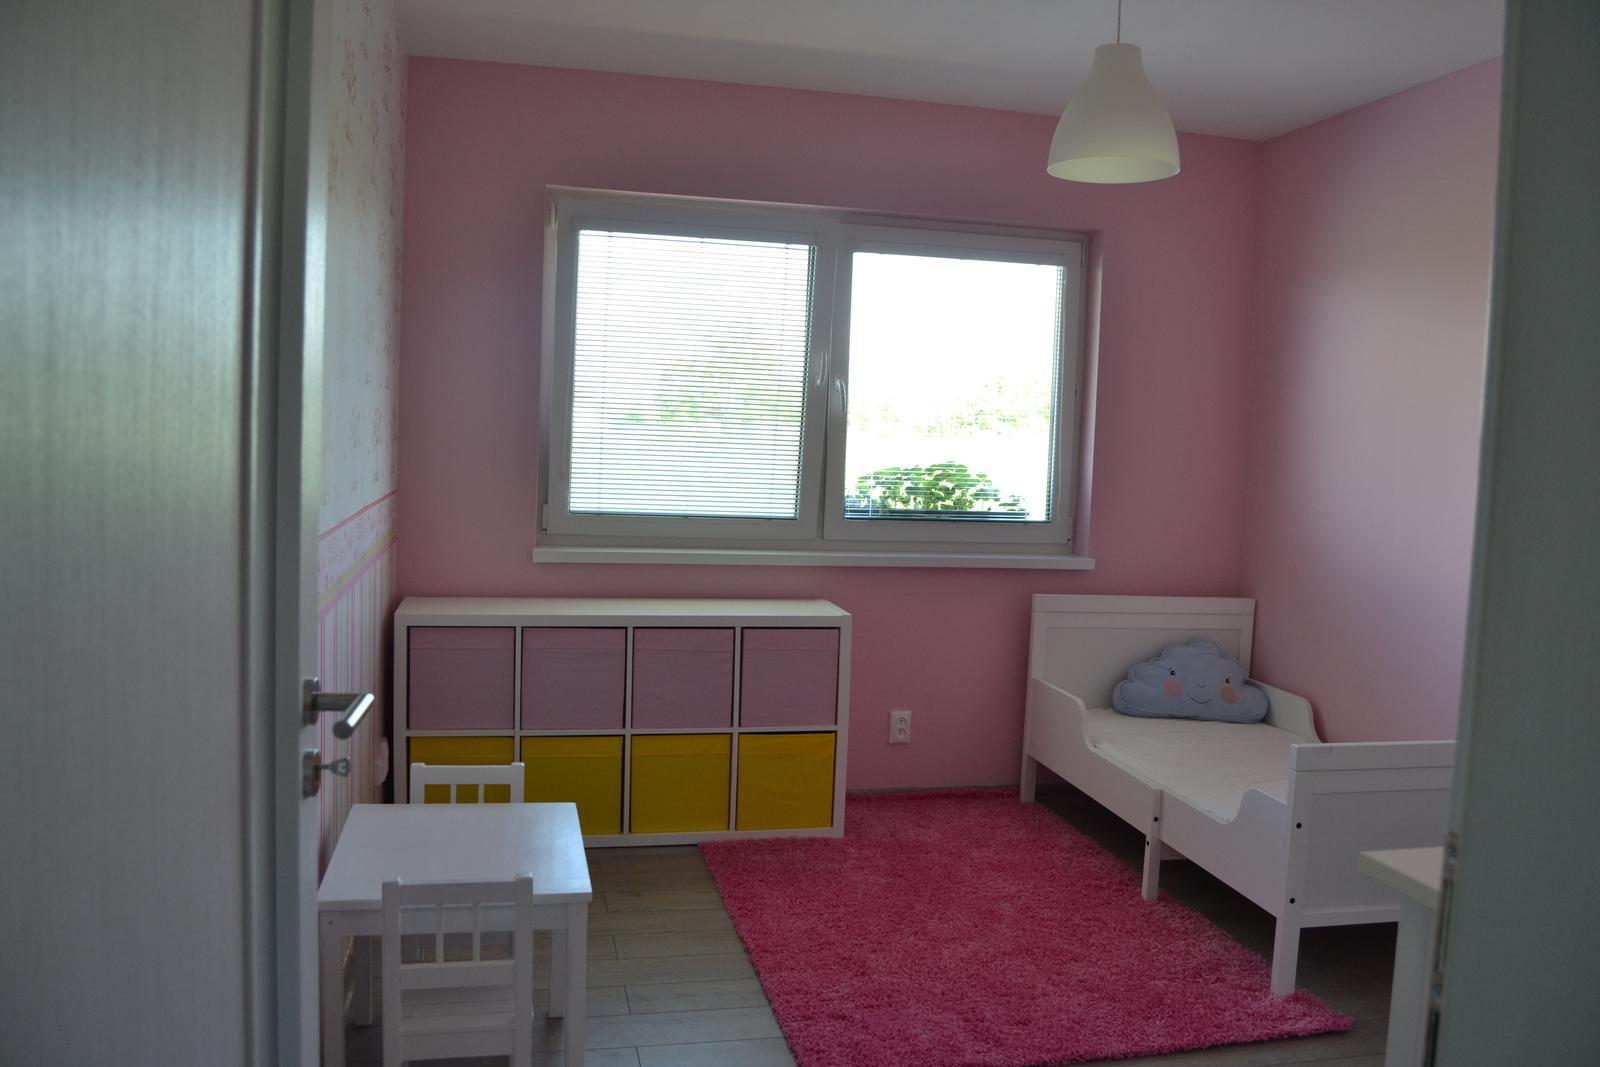 Náš bungalov Simona - žlté krabice raz vymenia svetlo-zelené...keď ich začne Ikea vyrábať :D